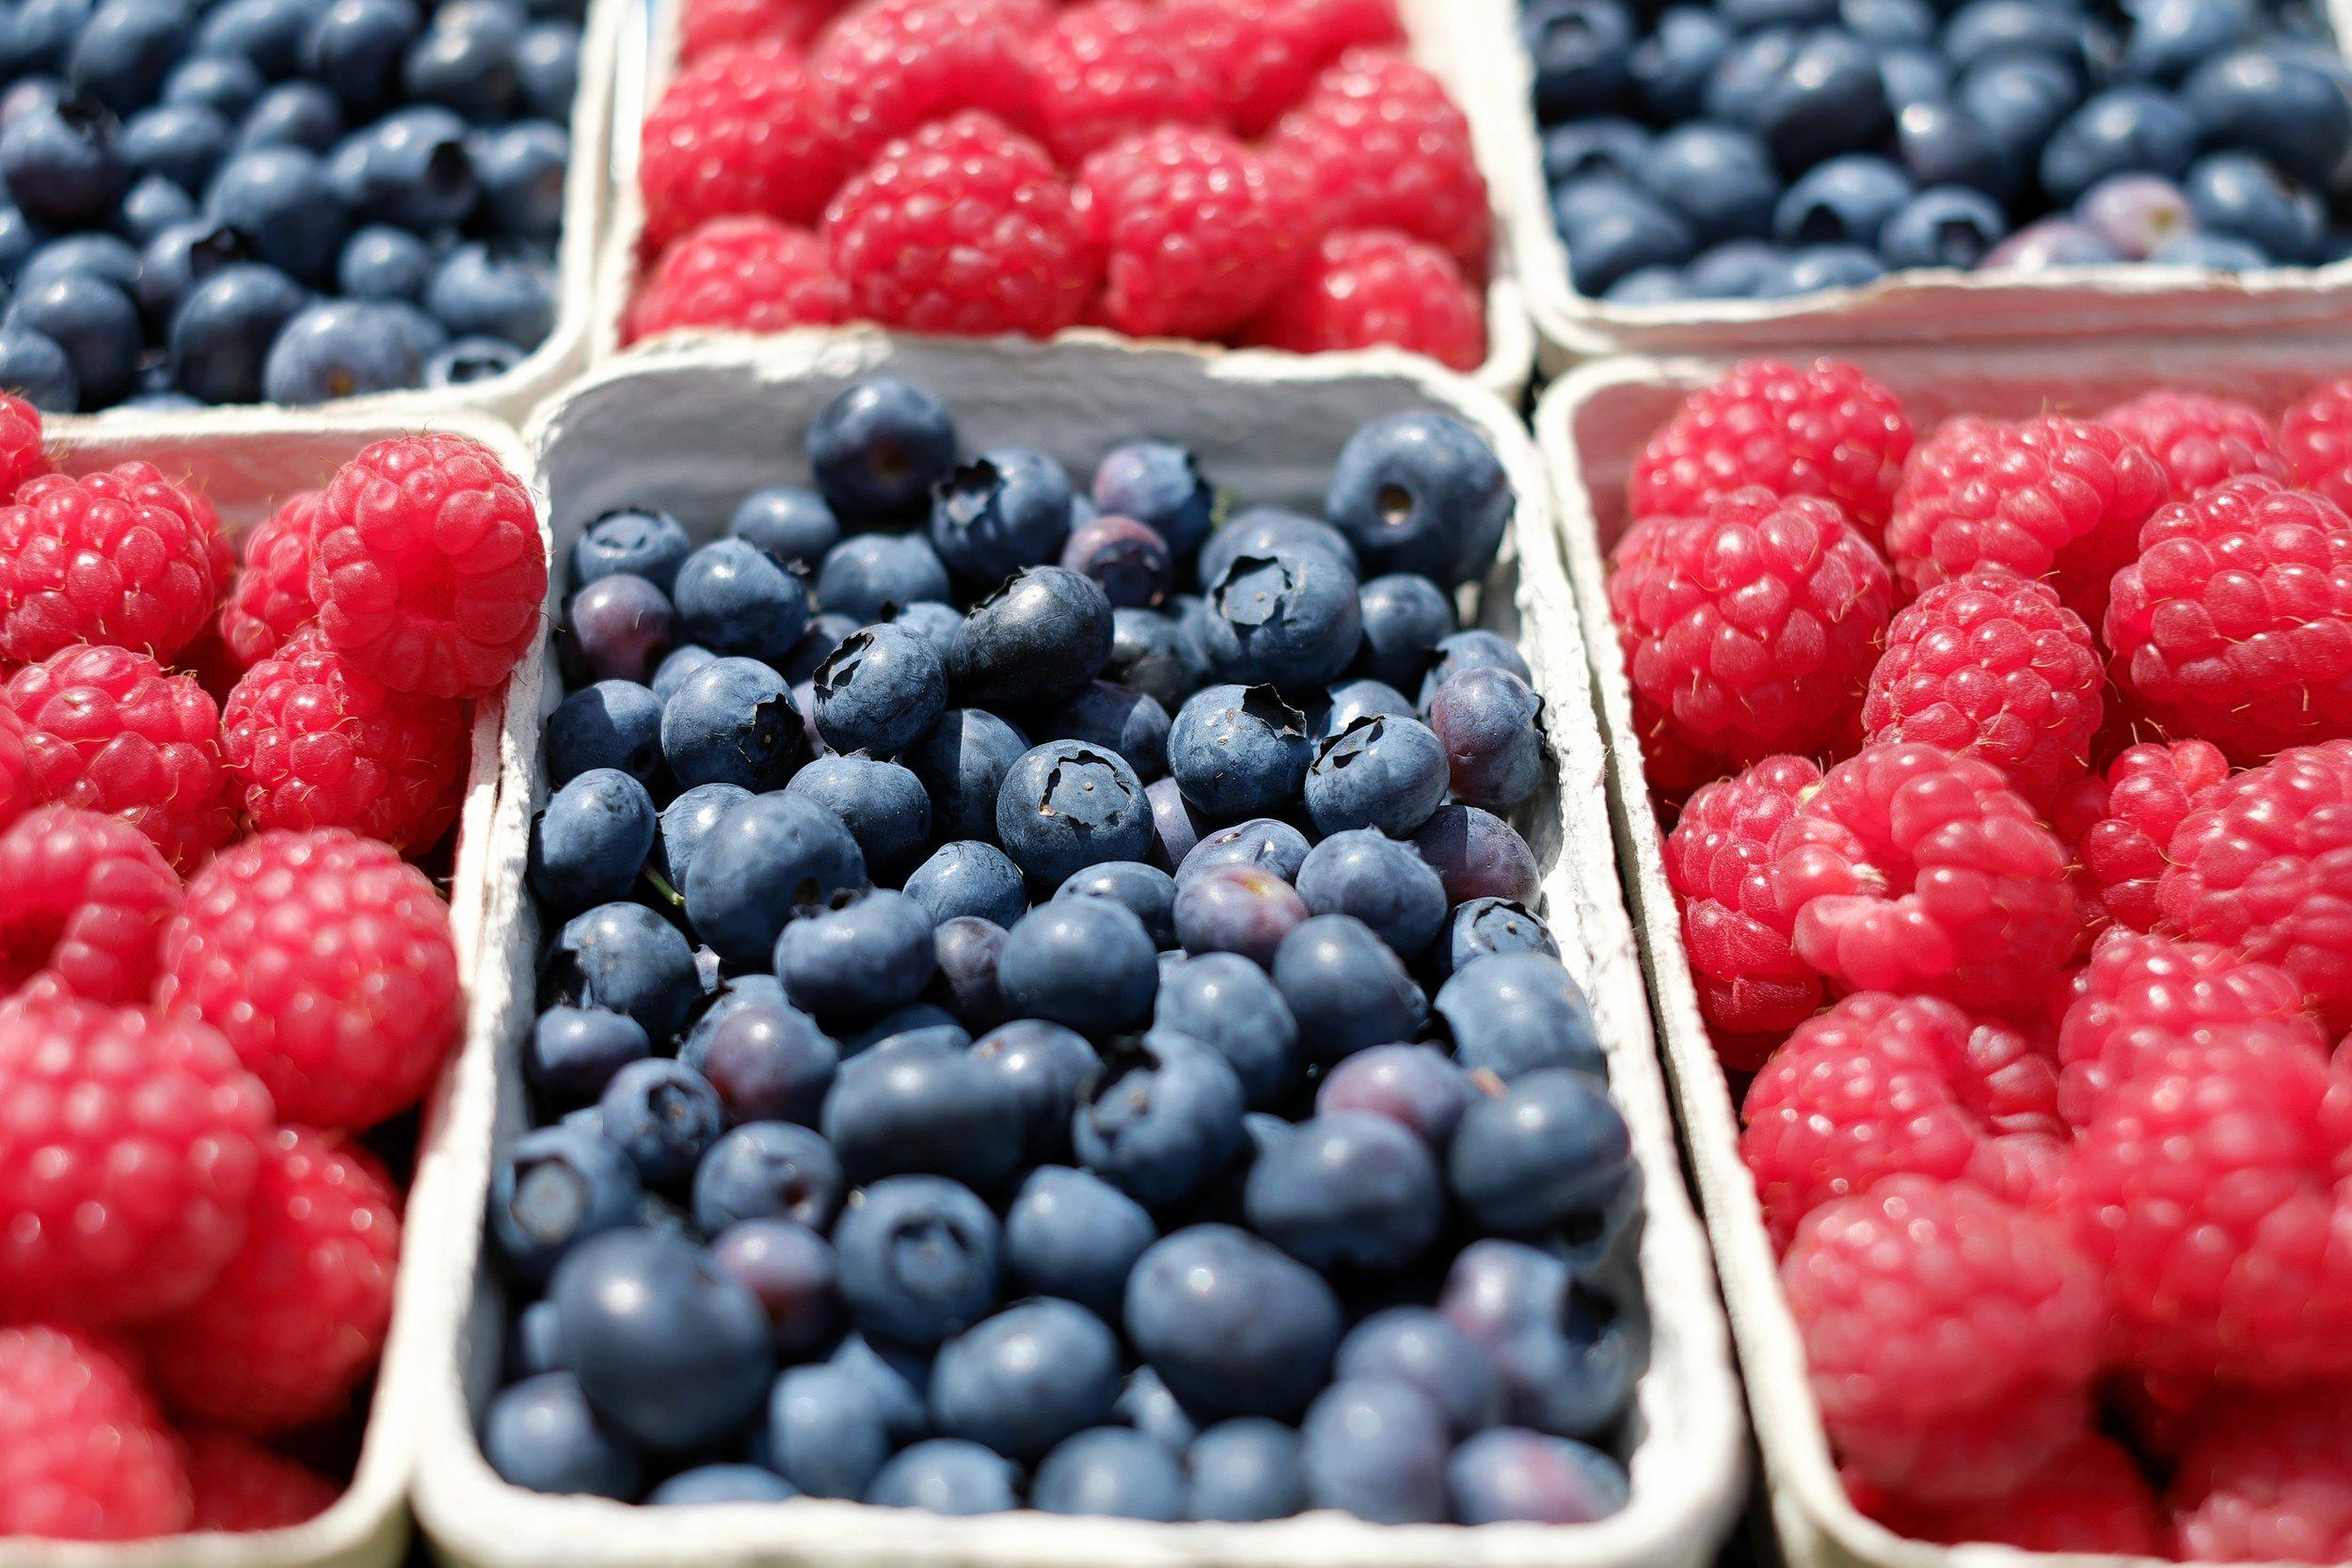 berries-blueberries-raspberries-fruit-122442.jpeg